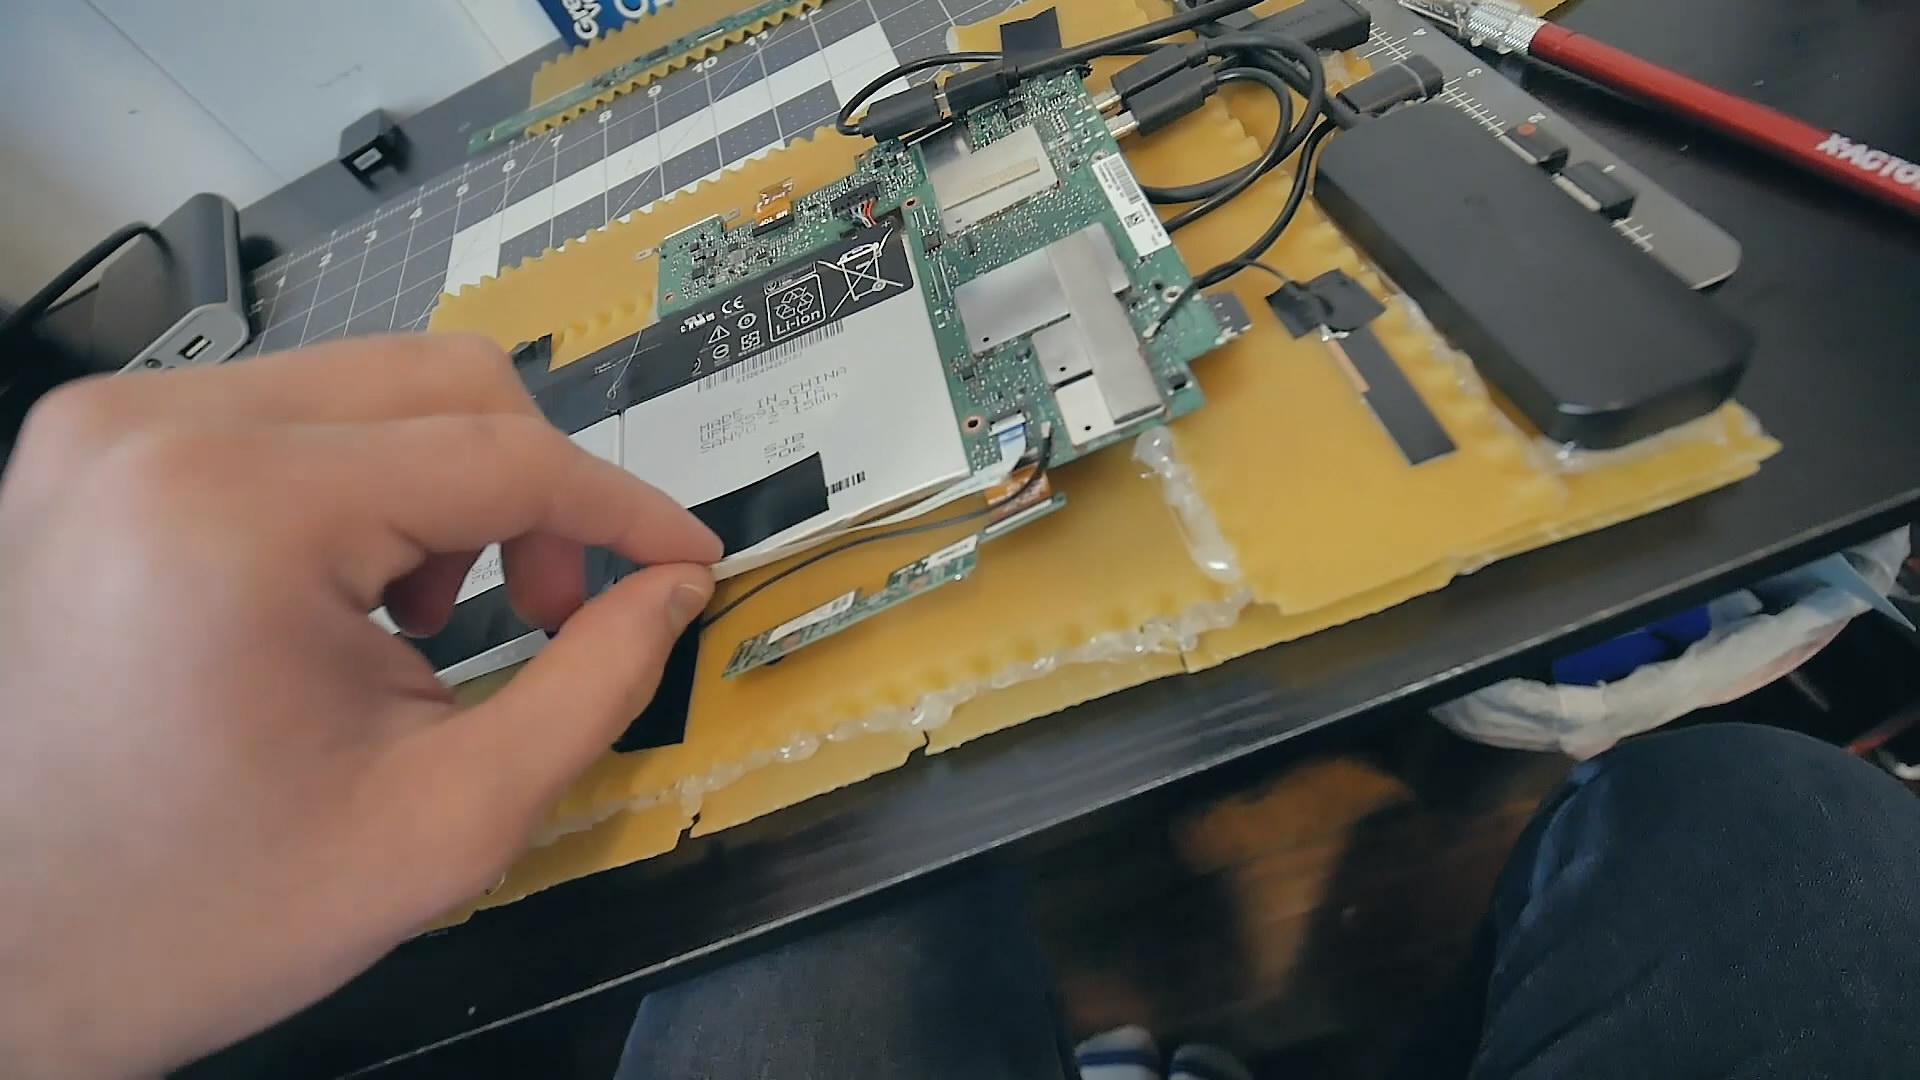 国外玩家自制美食版PC主机 吃货的脑洞实在太大了